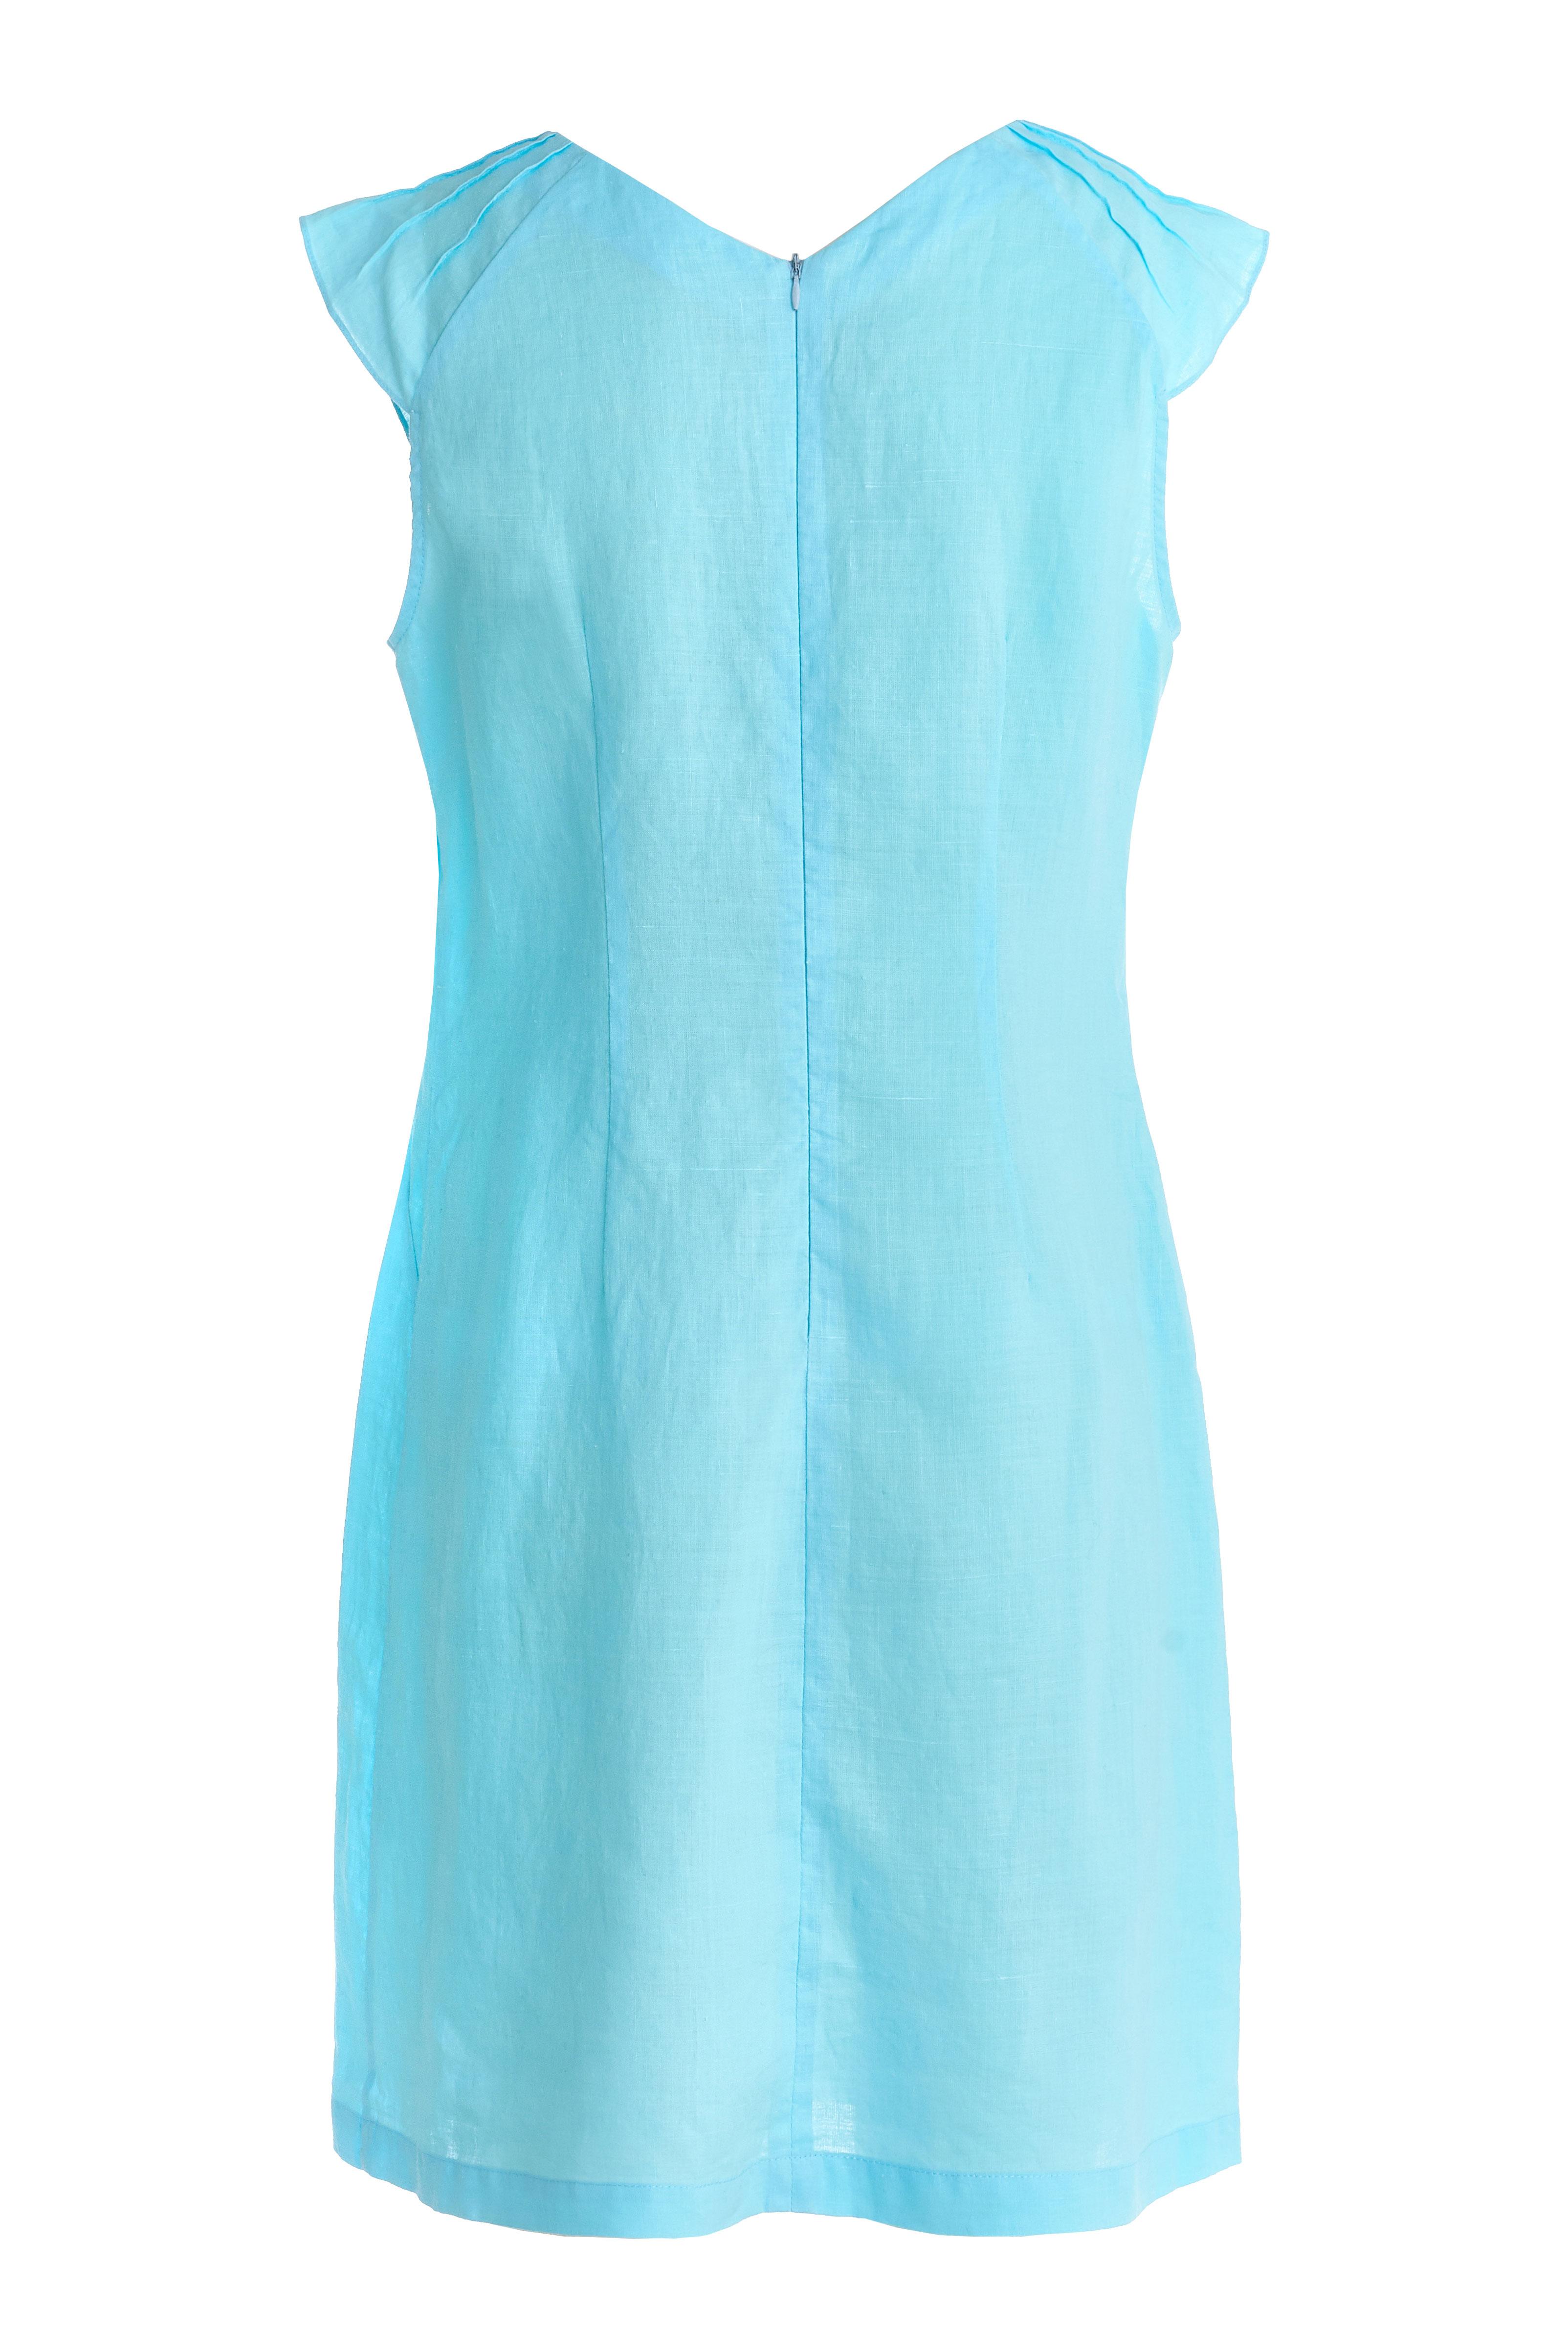 голубое-платье-без-рукавов-из-крапивы